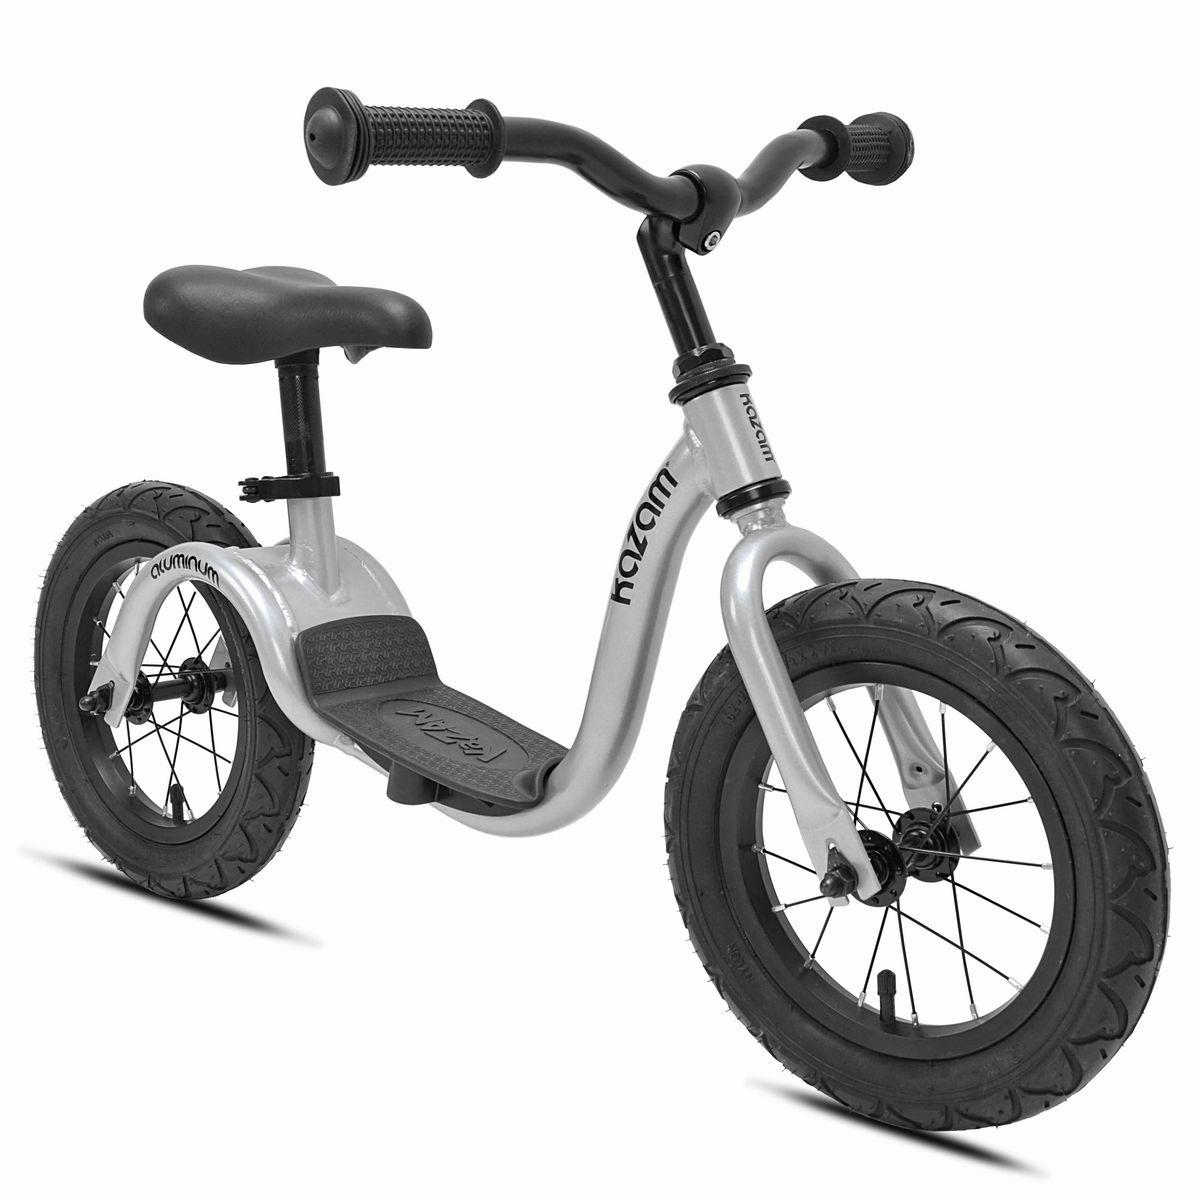 KaZAM(カザム) ランバイク シルバー